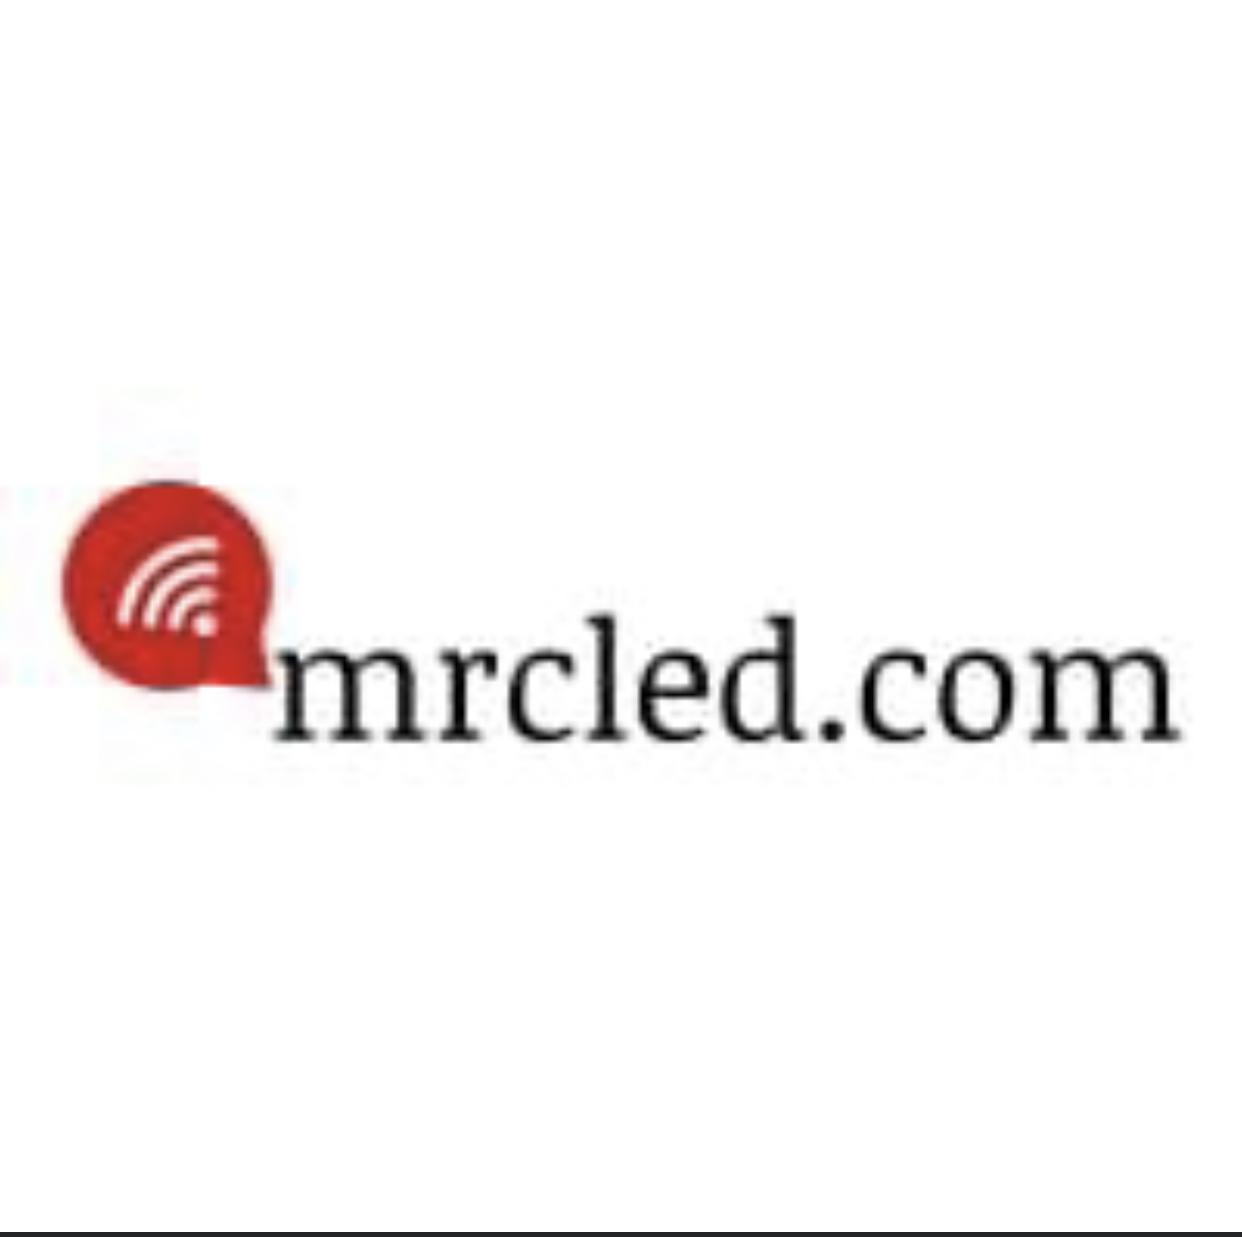 Cerco canali per pubblicizzare nuovo sito web